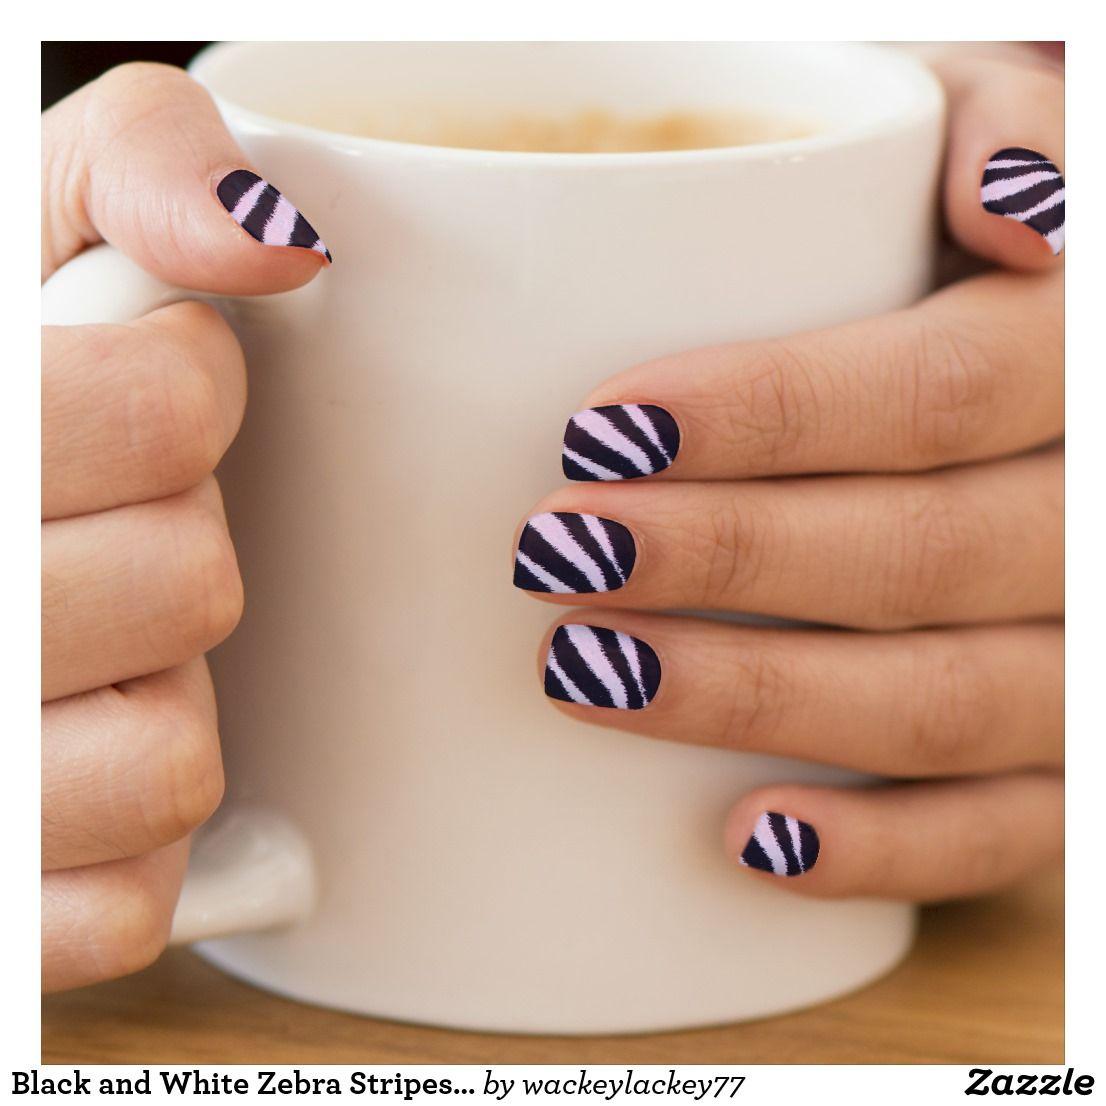 Nail Art Zebra Stripes: Black And White Zebra Stripes Nails Minx Nail Art